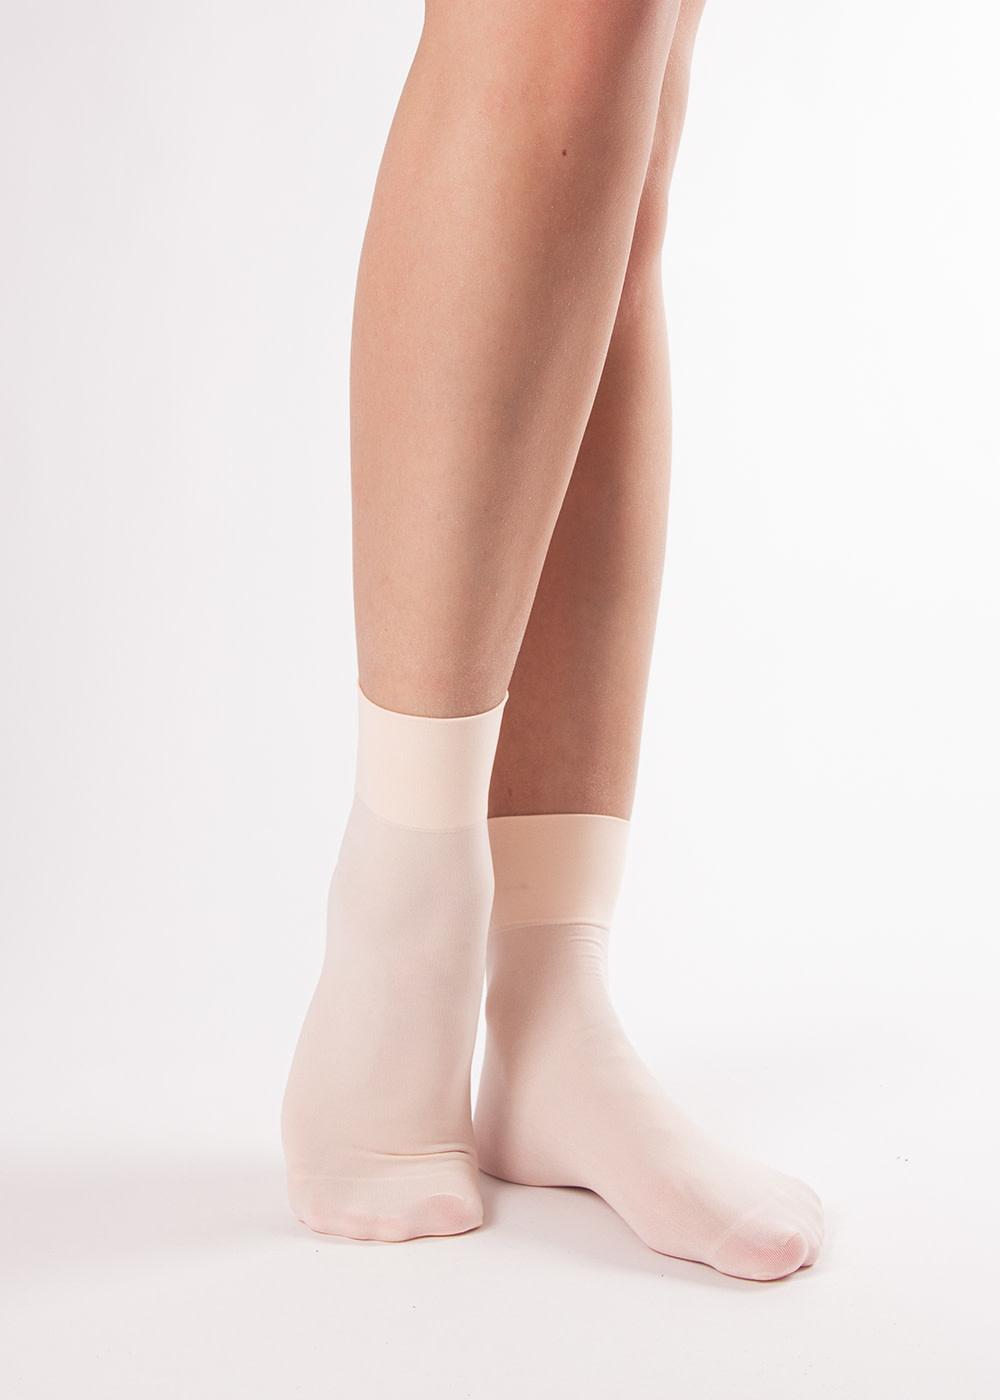 Nikolay Ballet Socks - One Size